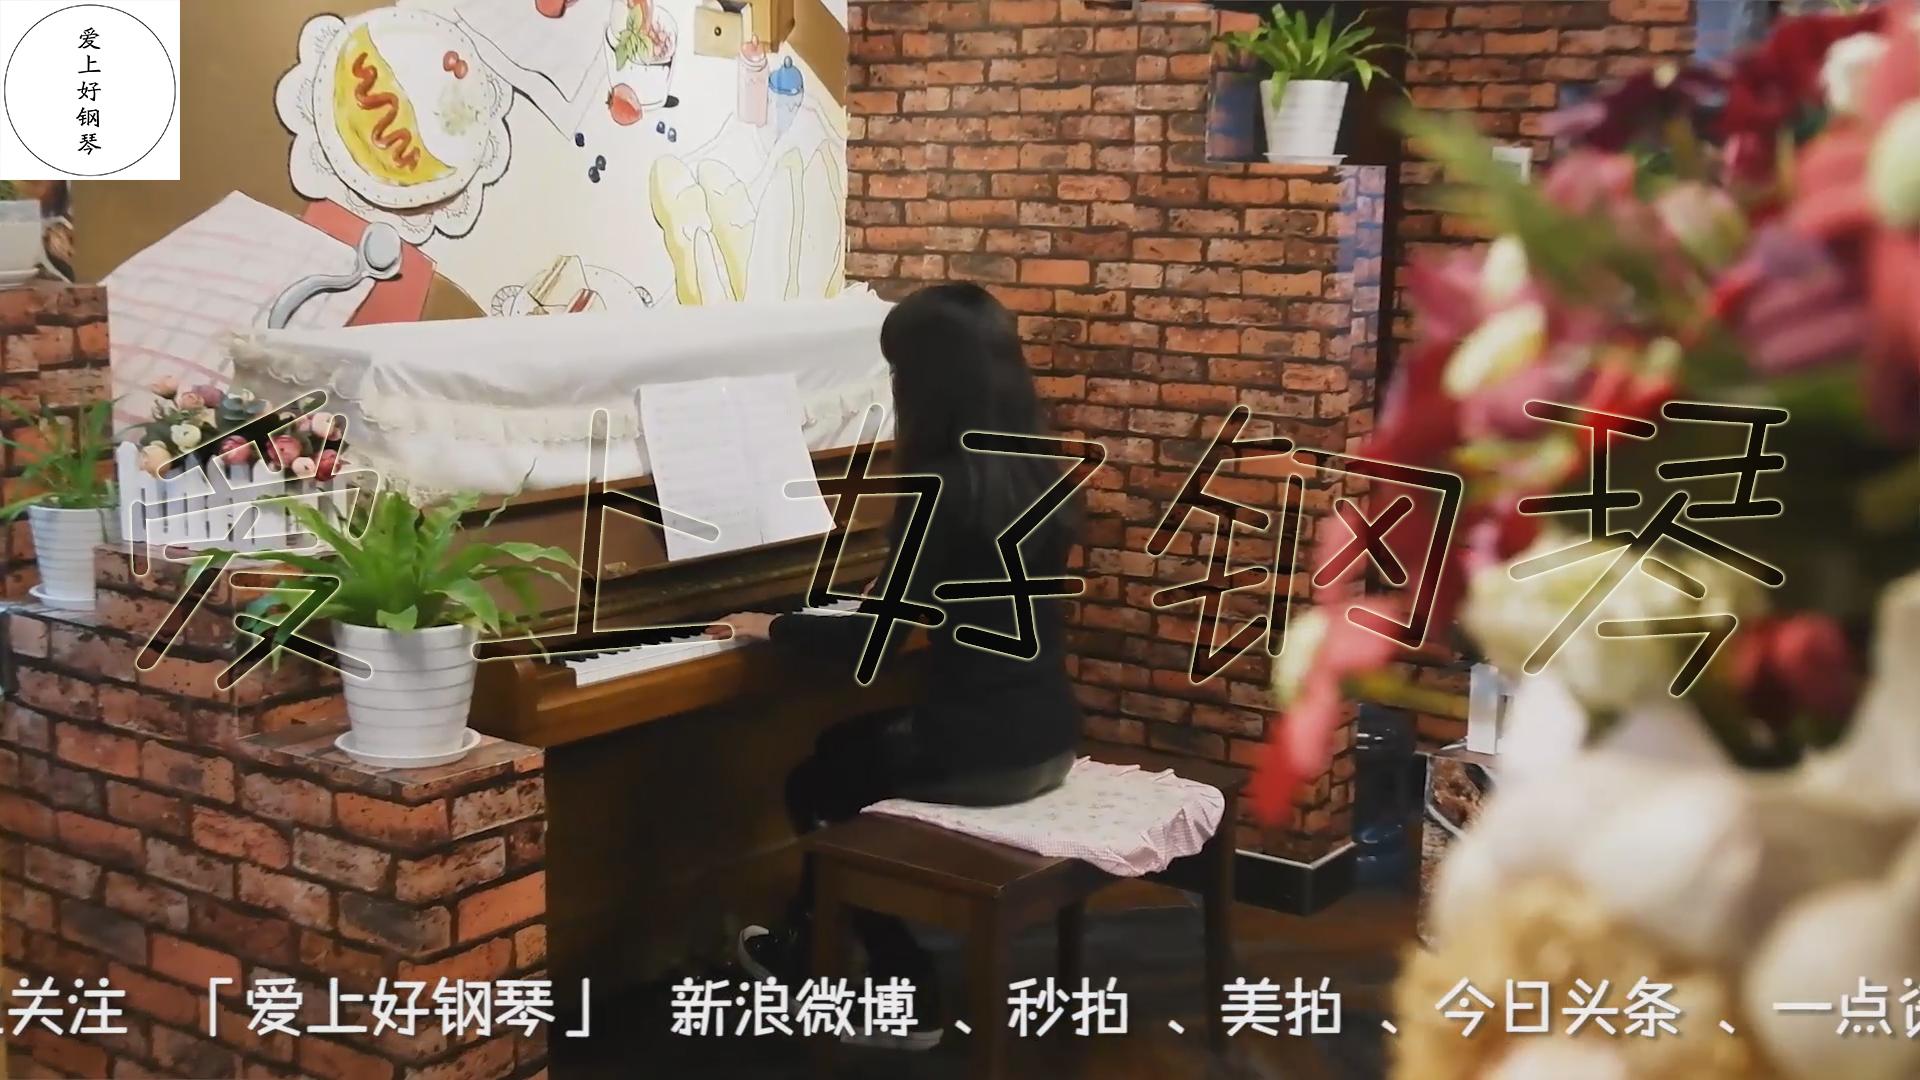 王源《因为遇见你》钢琴版